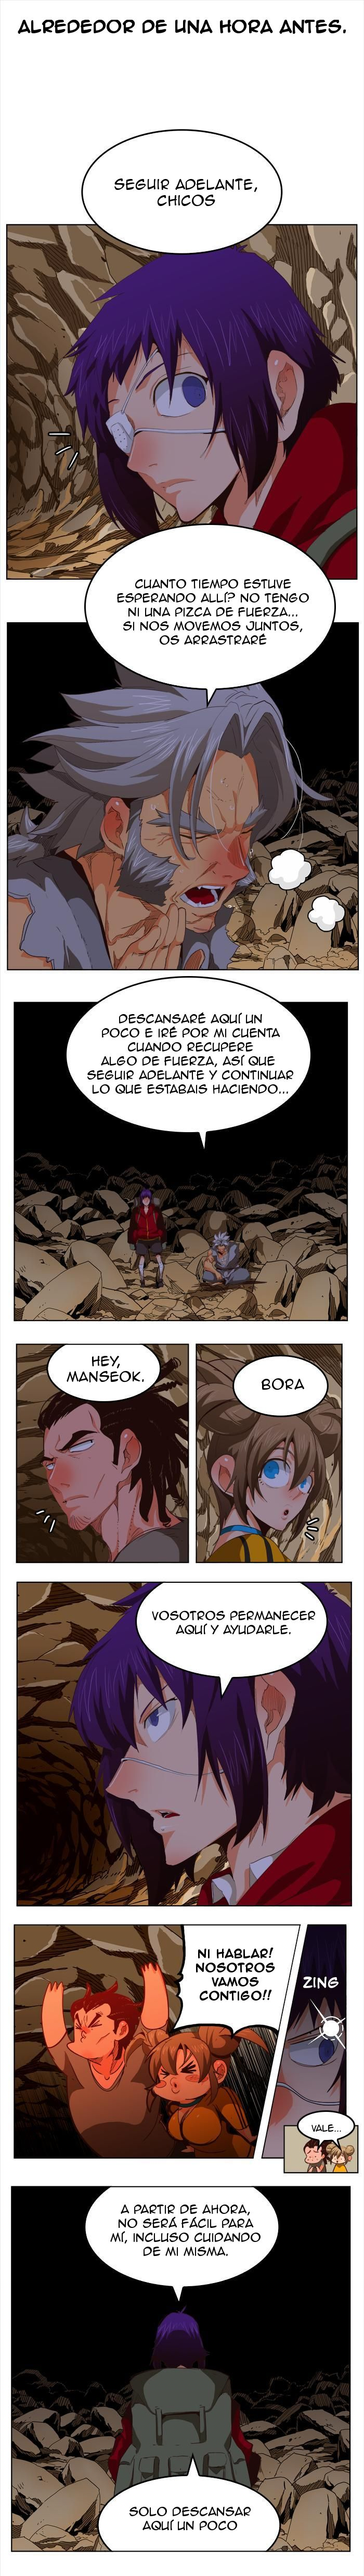 http://c5.ninemanga.com/es_manga/pic2/37/485/513279/e86643f9c6da6e872bc5e94d1b1425f7.jpg Page 2